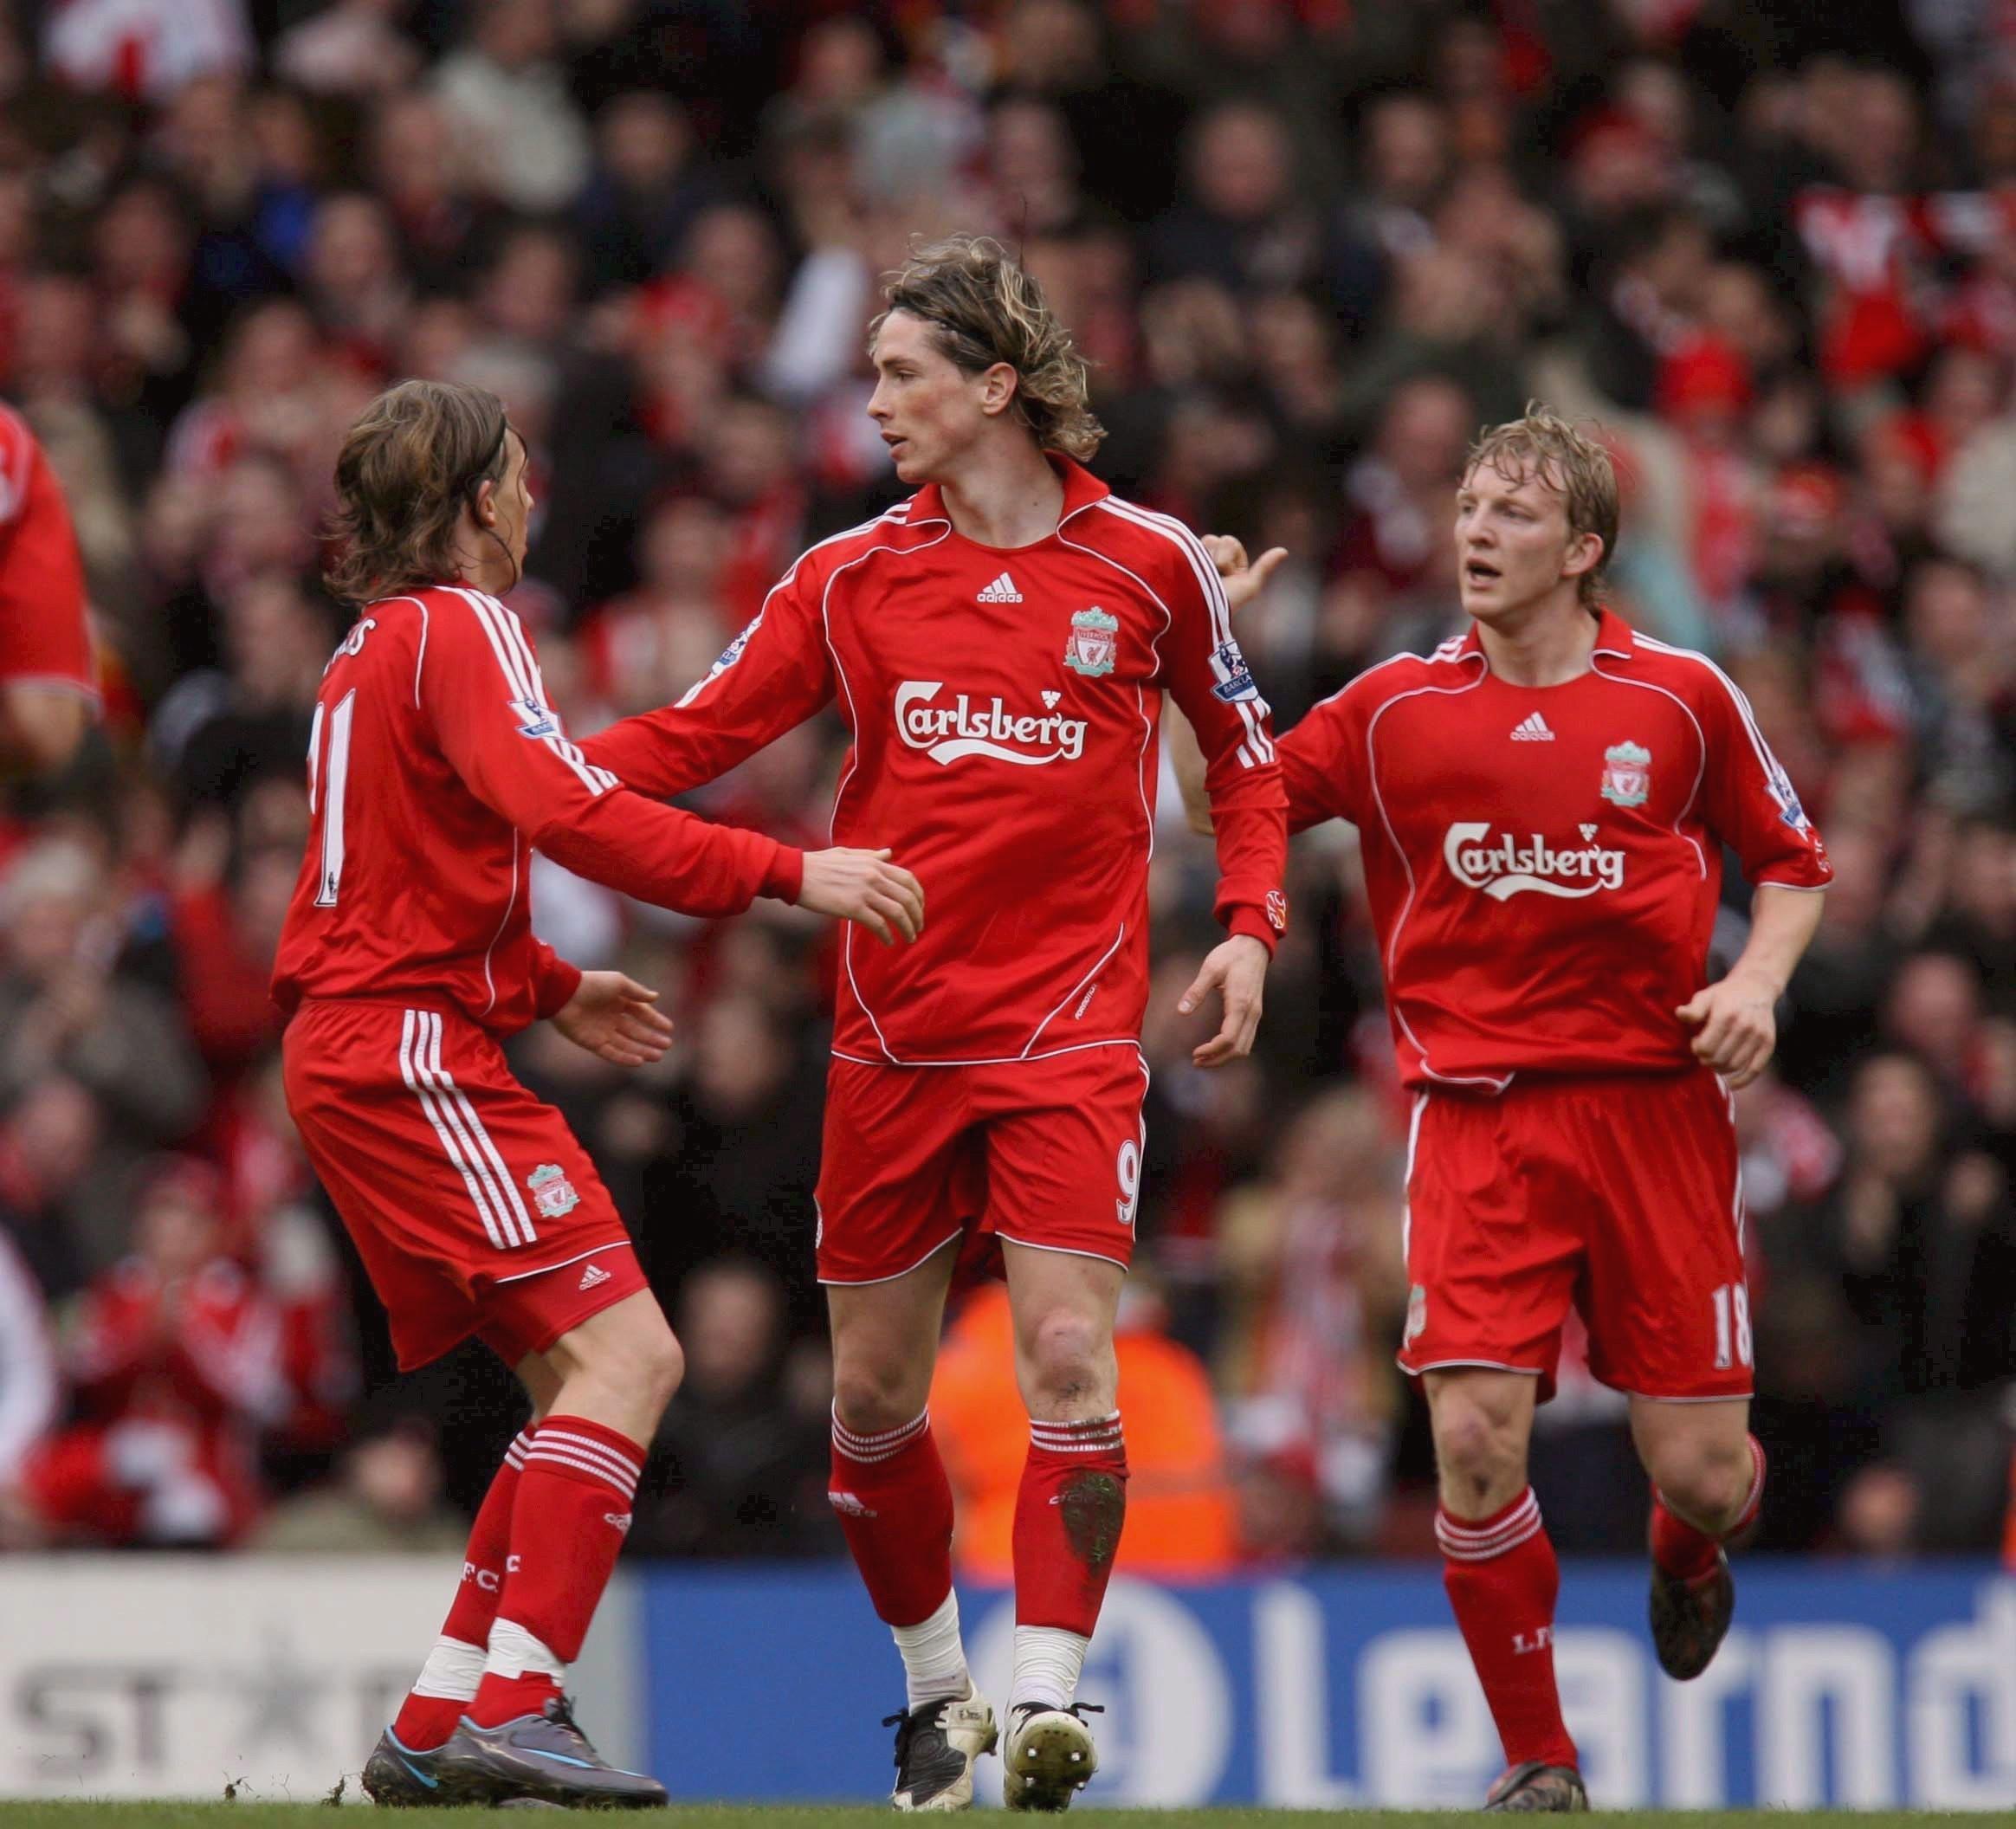 Liverpool Wallpaper: Liverpool FC Wallpaper HD Download